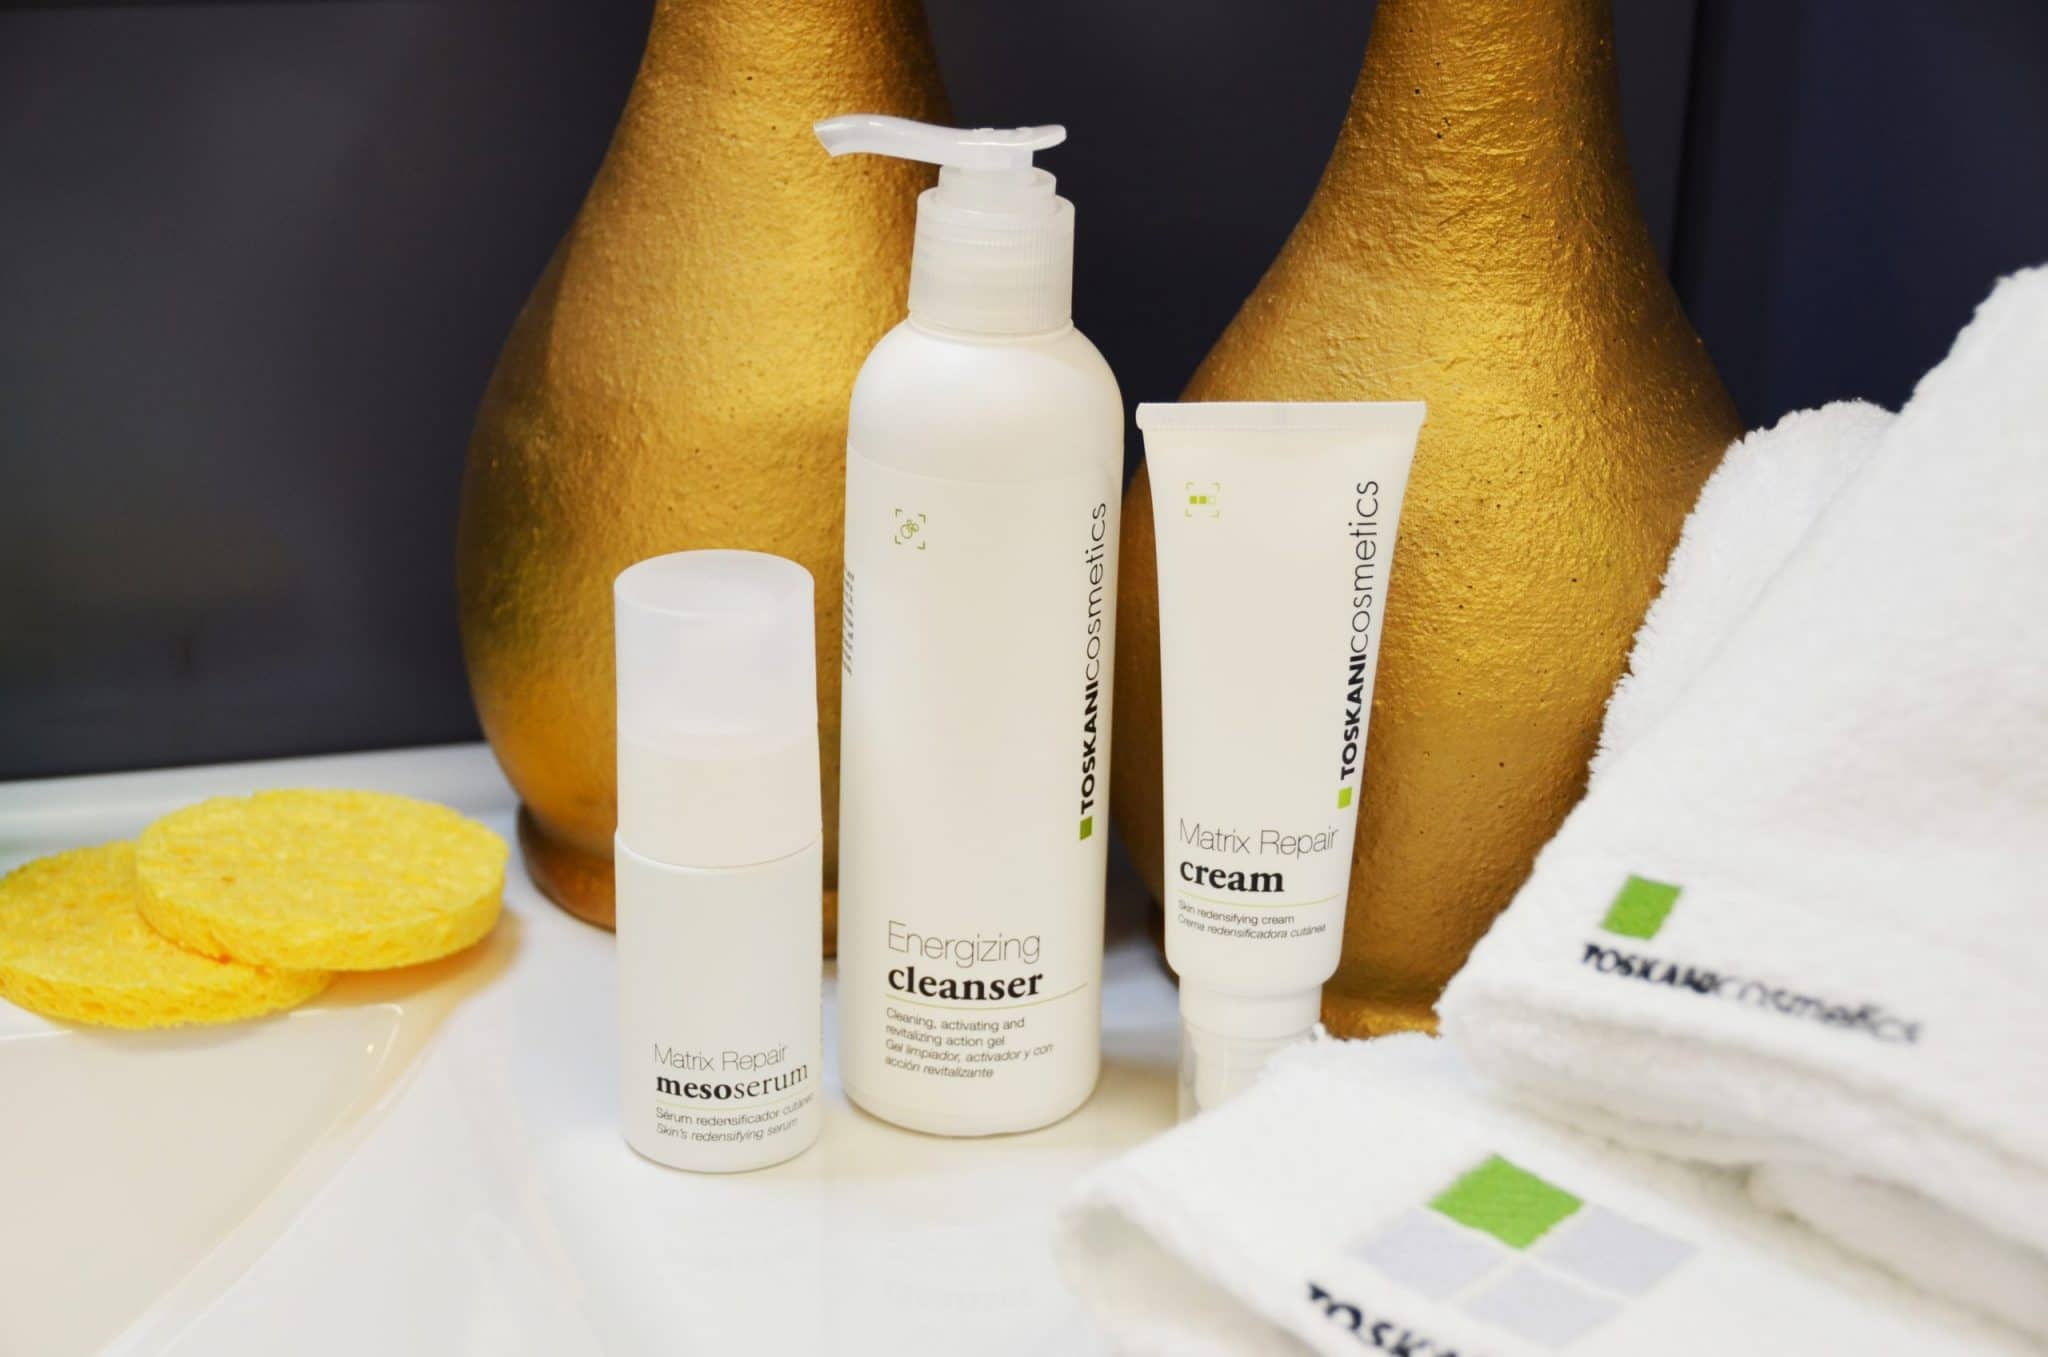 Thuisbehandeling met Toskani Cosmetics